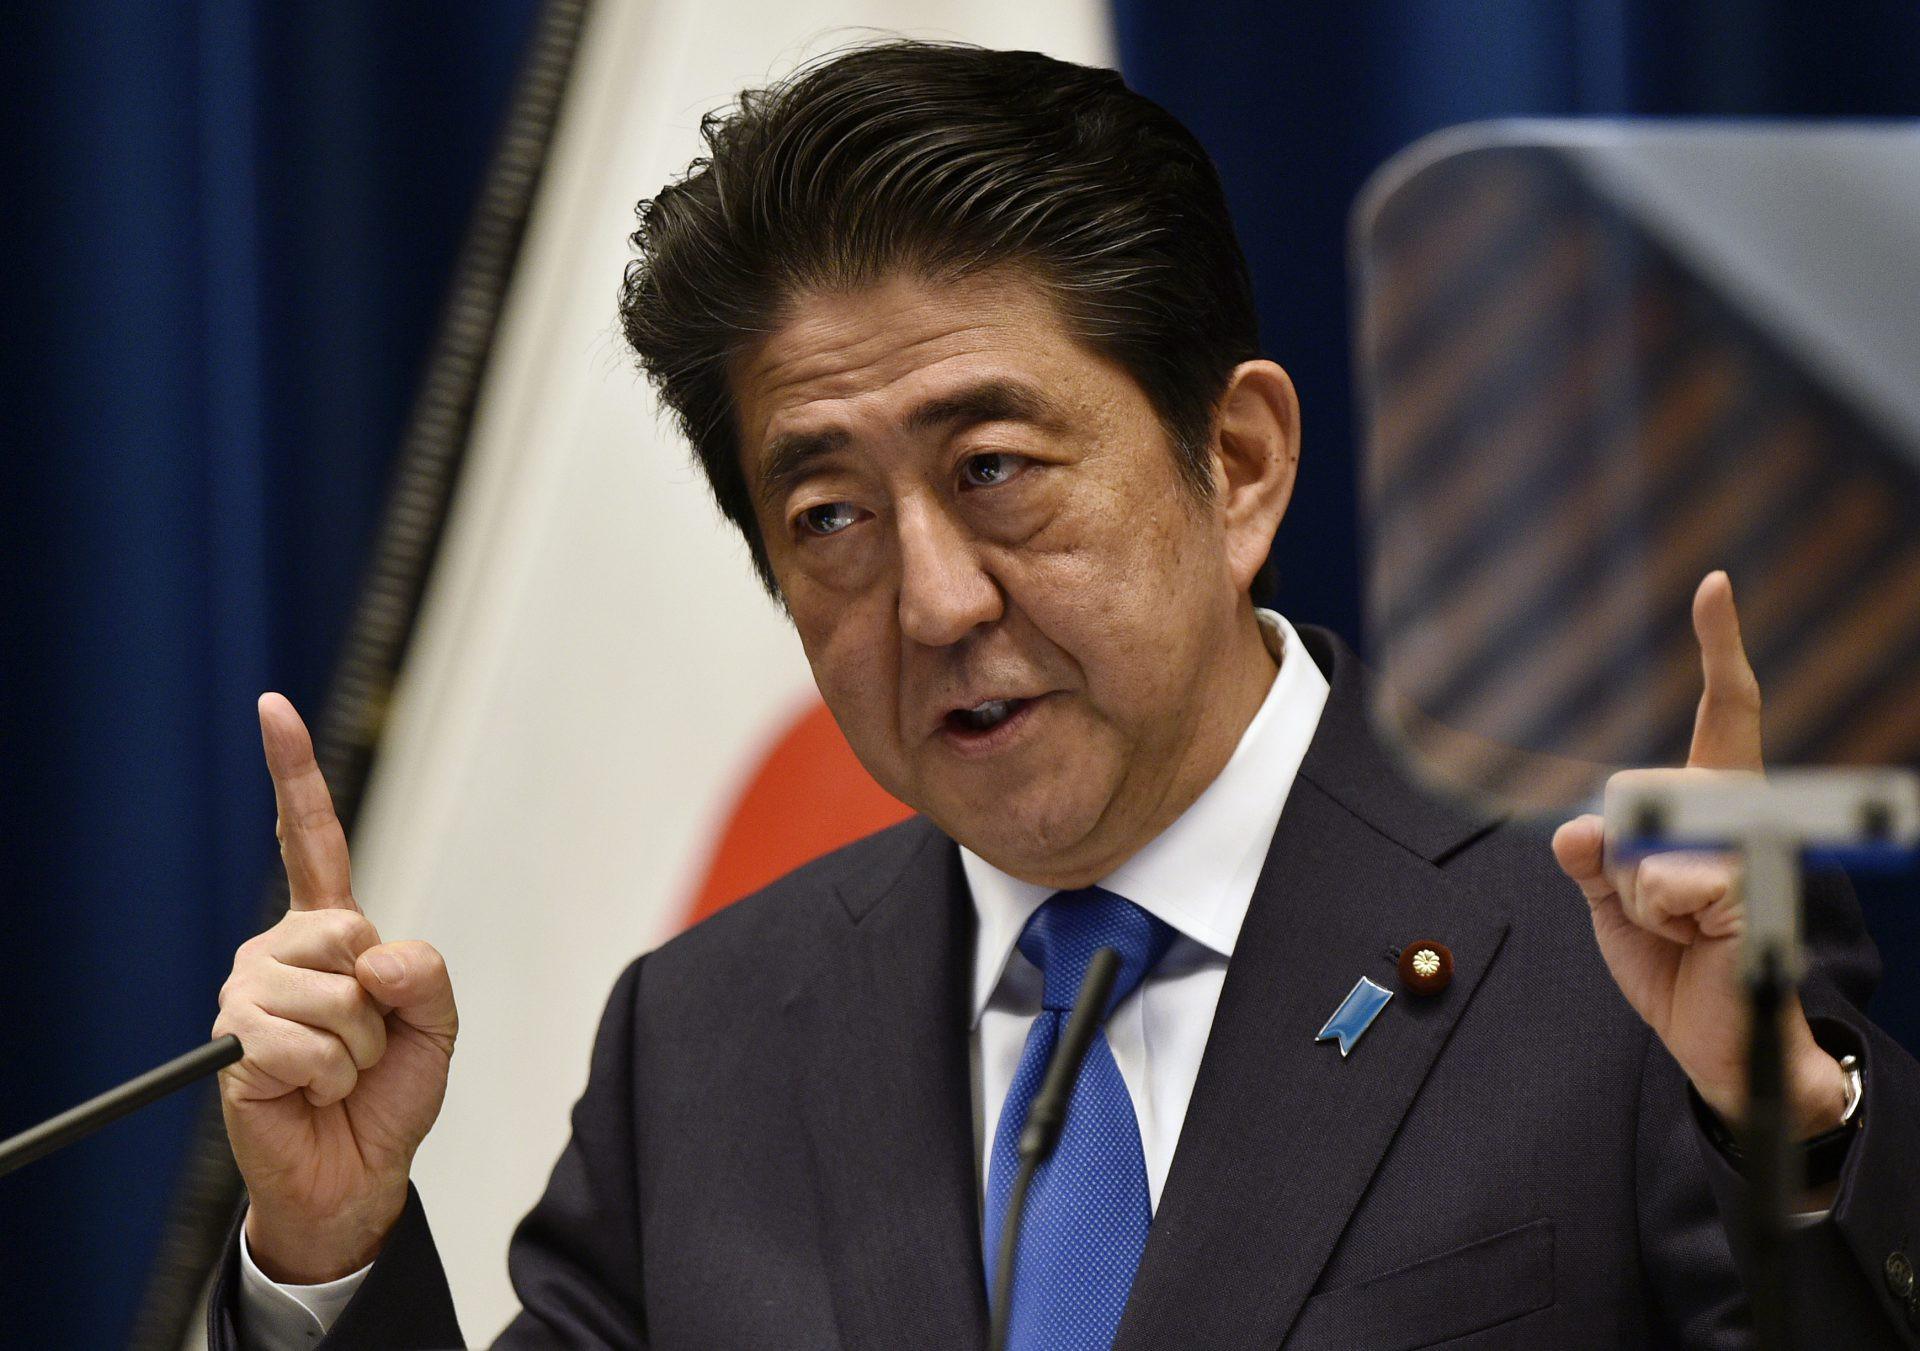 [ NÓNG ] Nhật Bản vừa ra quyết định về những trường hợp CẤM đi XKLĐ Nhật Bản lần 2